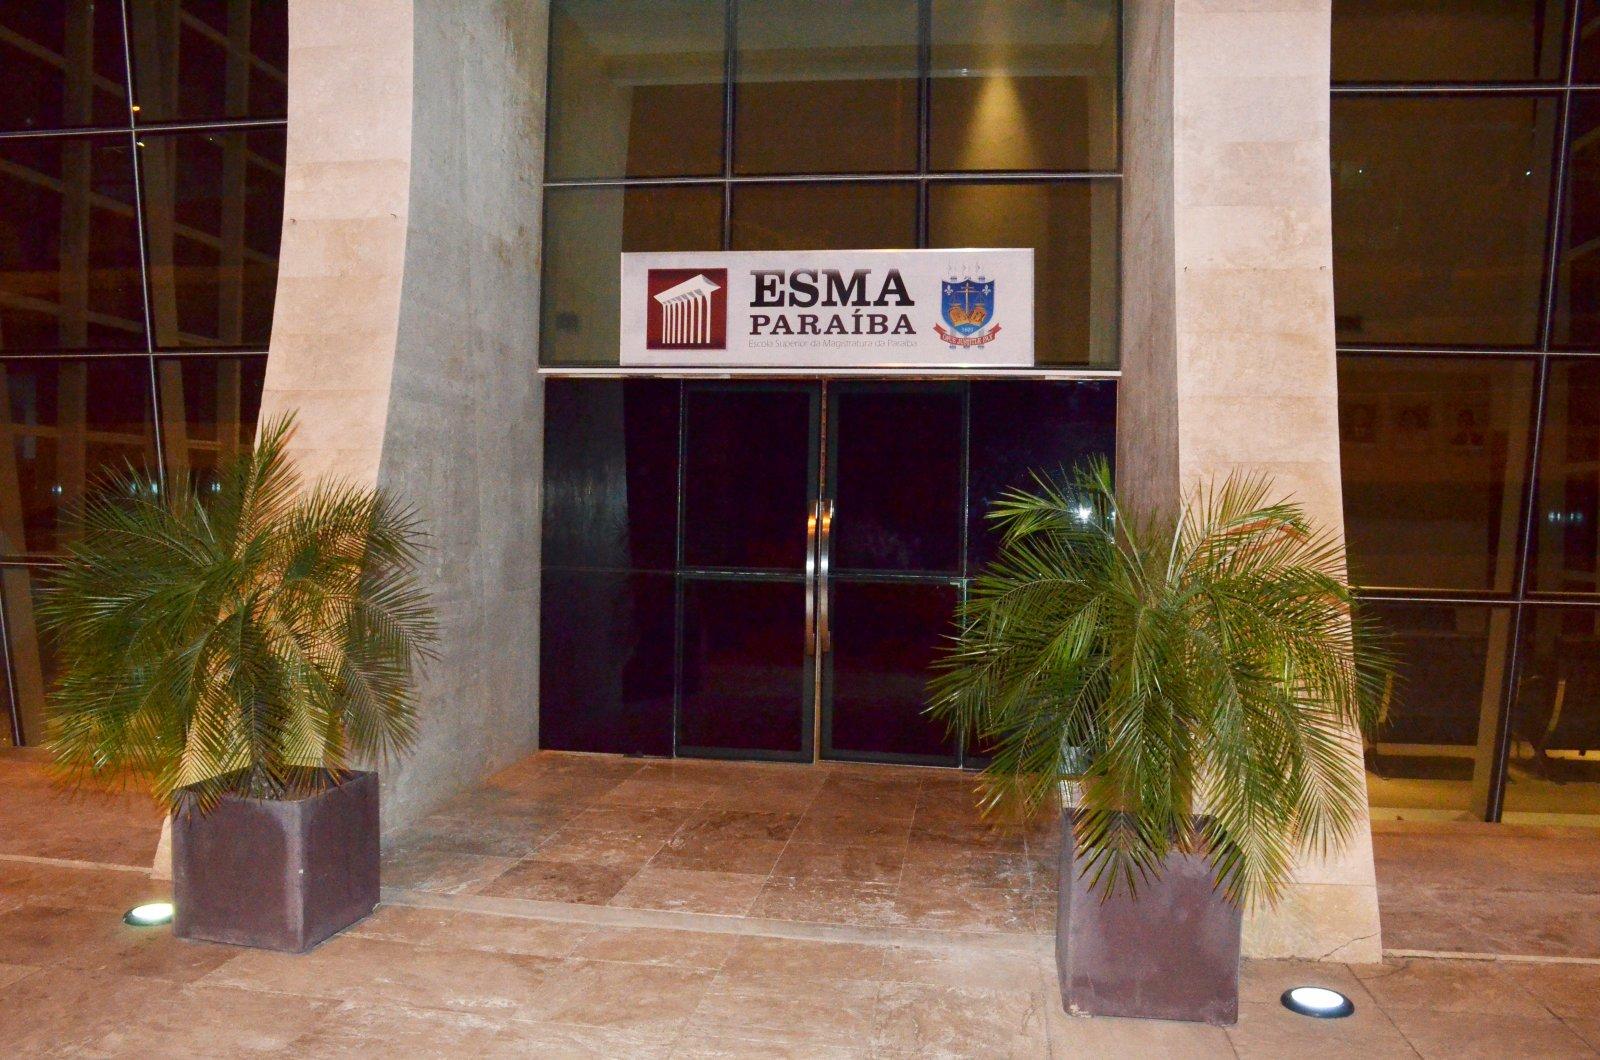 Sete vídeos do Webinário 'Novas Tecnologias no Judiciário' já estão disponíveis no canal da Esma